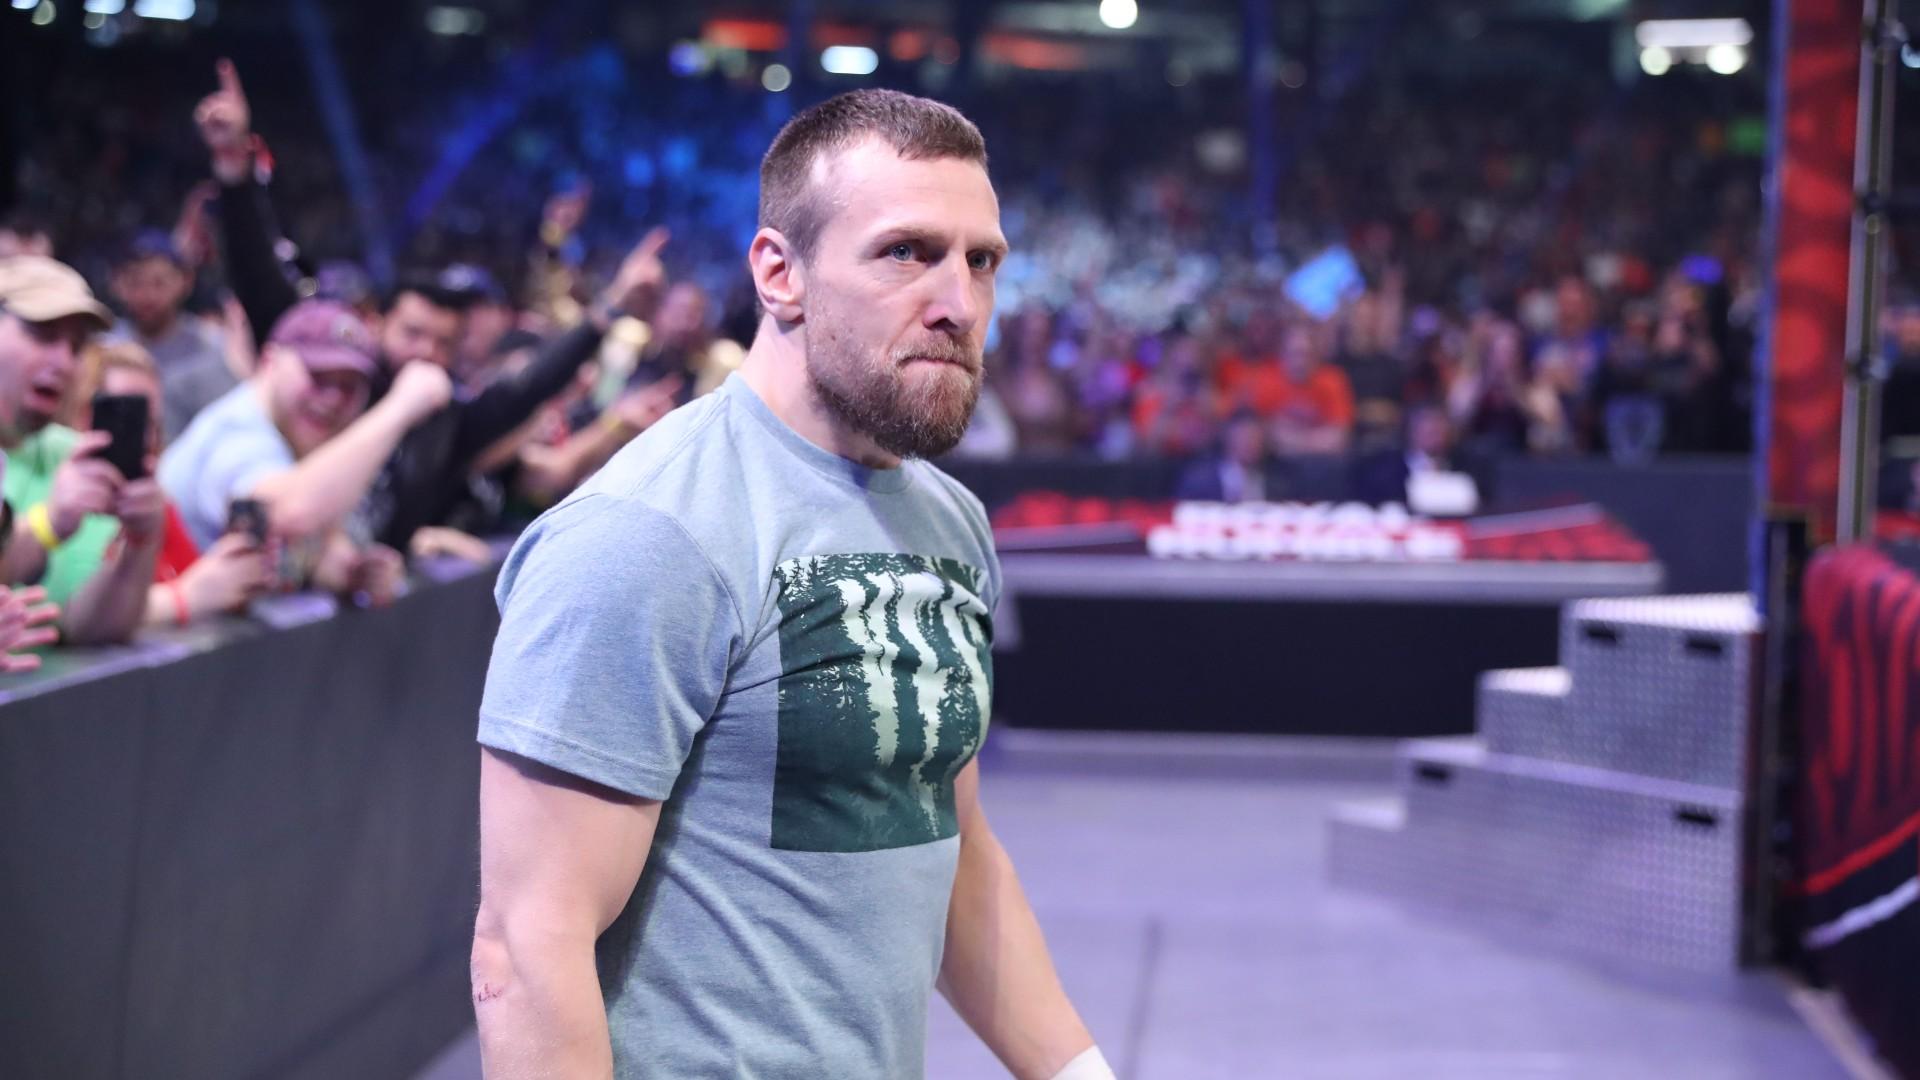 Daniel Bryan ez dago ziur Roman Reigns-Edge feudean gehitzea ideia bikaina denik, edo bere azken WrestleMania den ala ez